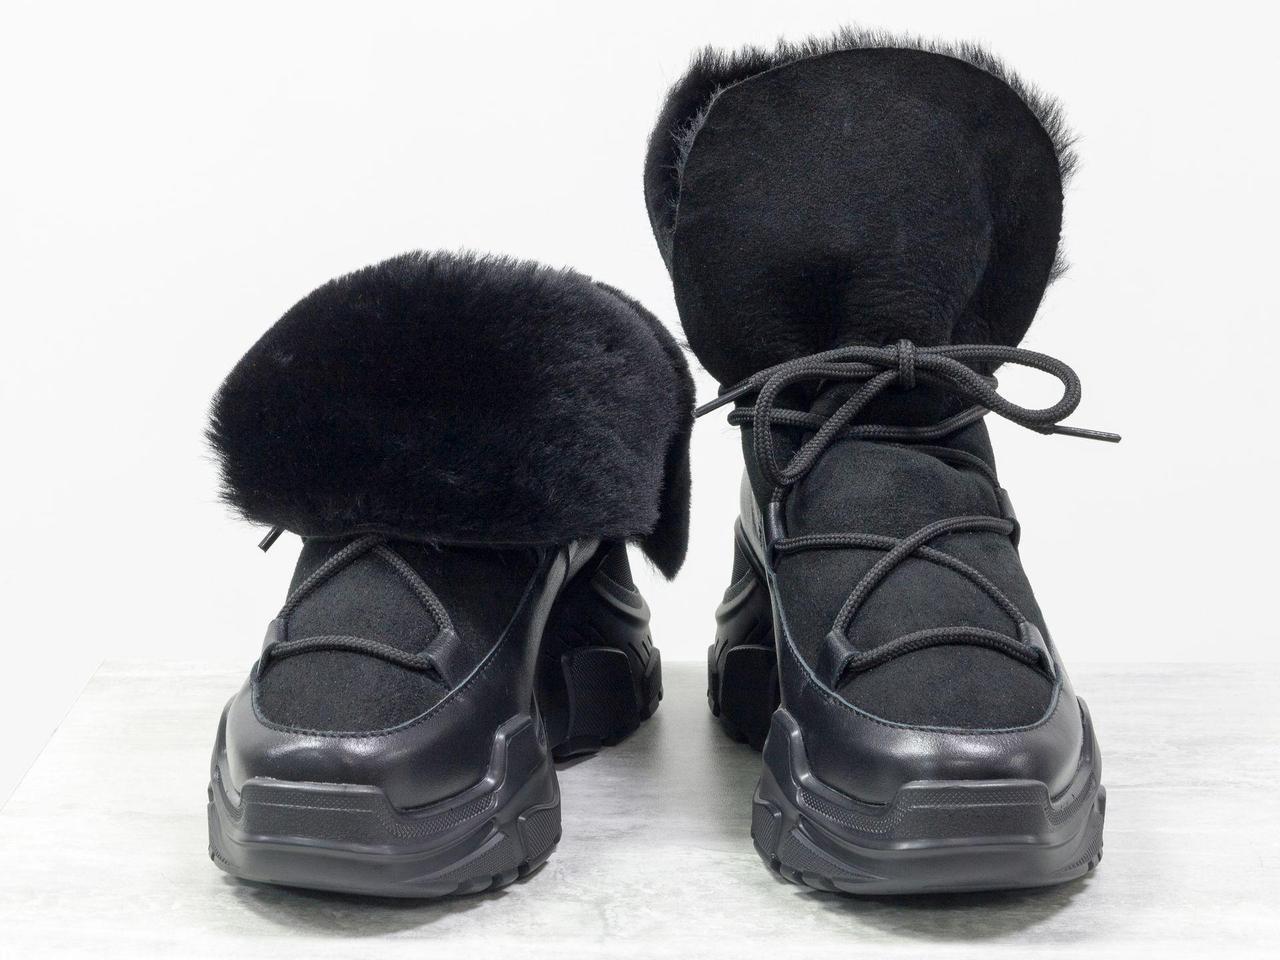 Ботинки из натуральной кожи черного цвета, замши и меха овечки, на современной высокой платформе